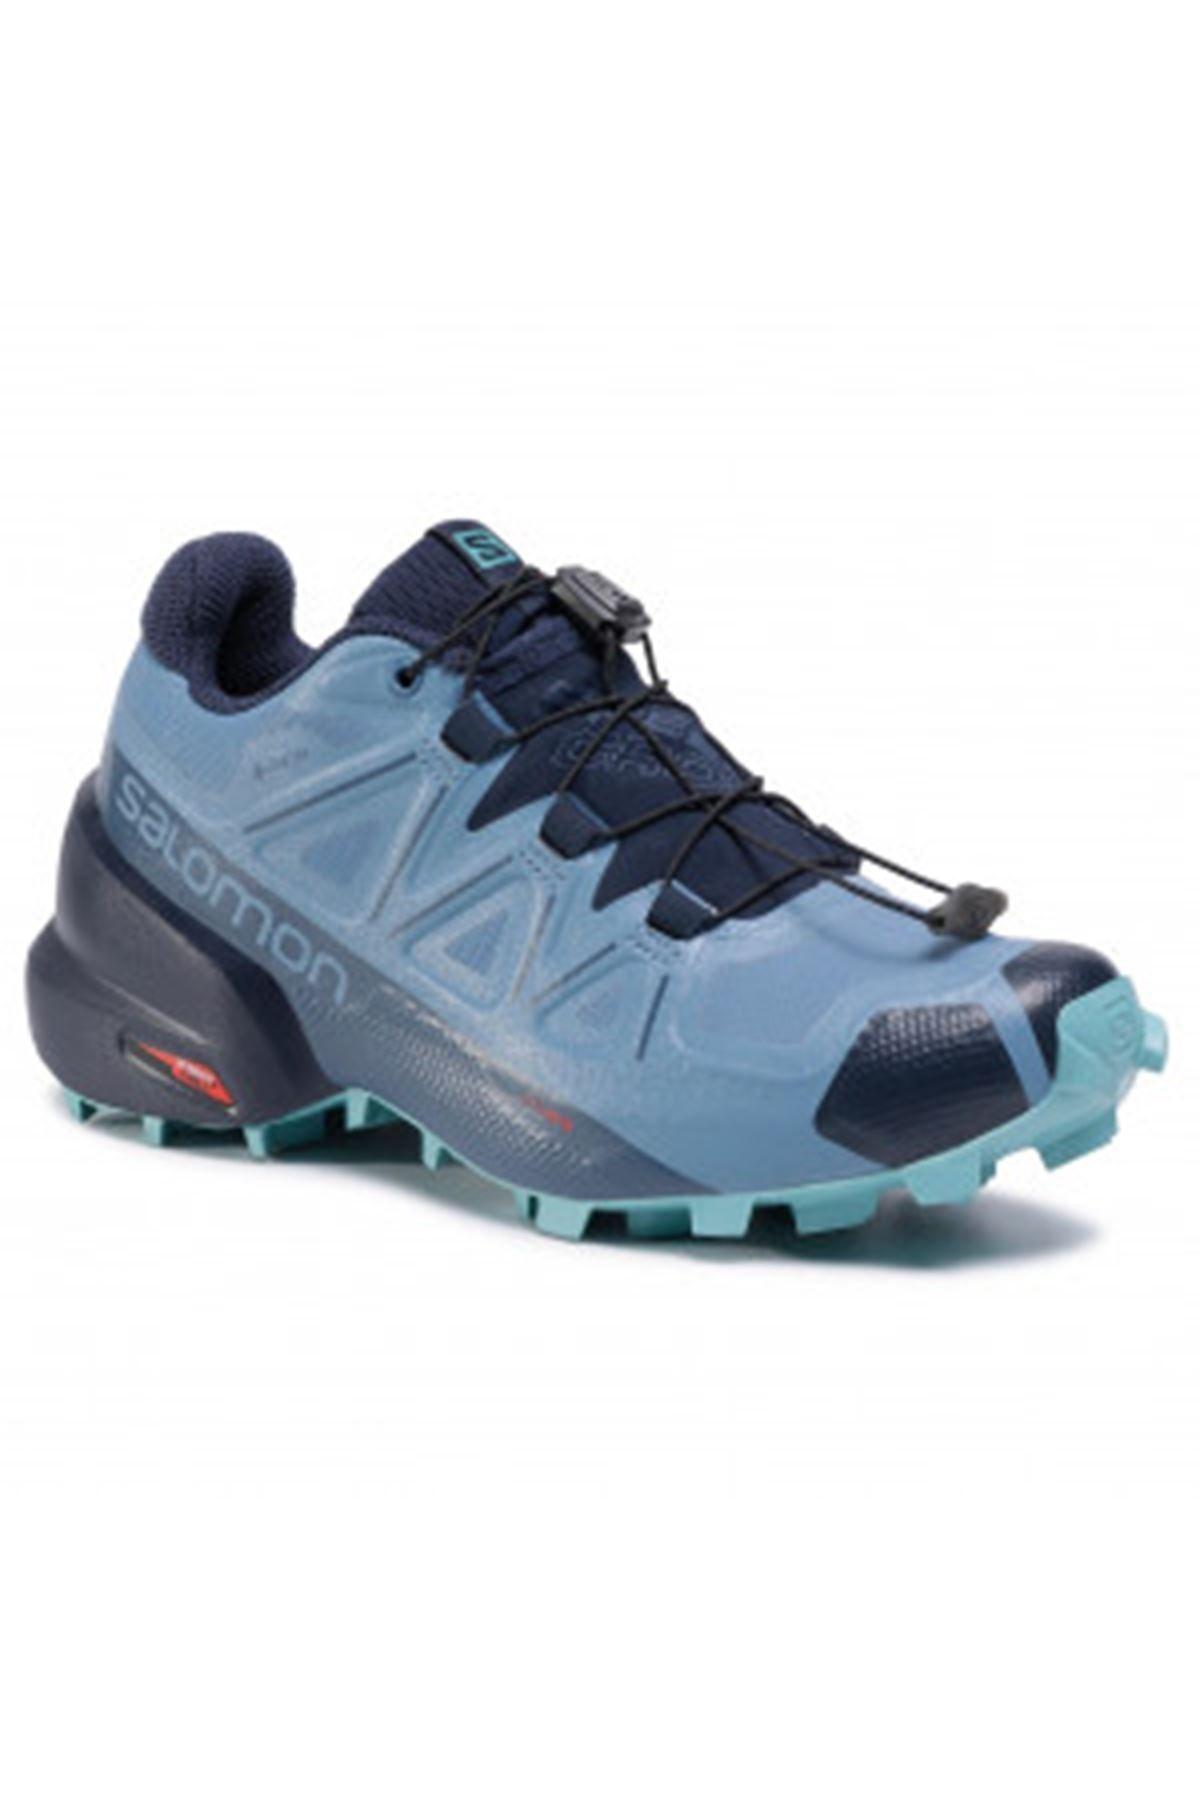 Salomon Speedcross 5 Gtx Kadın Outdoor Ayakkabı 411175 1